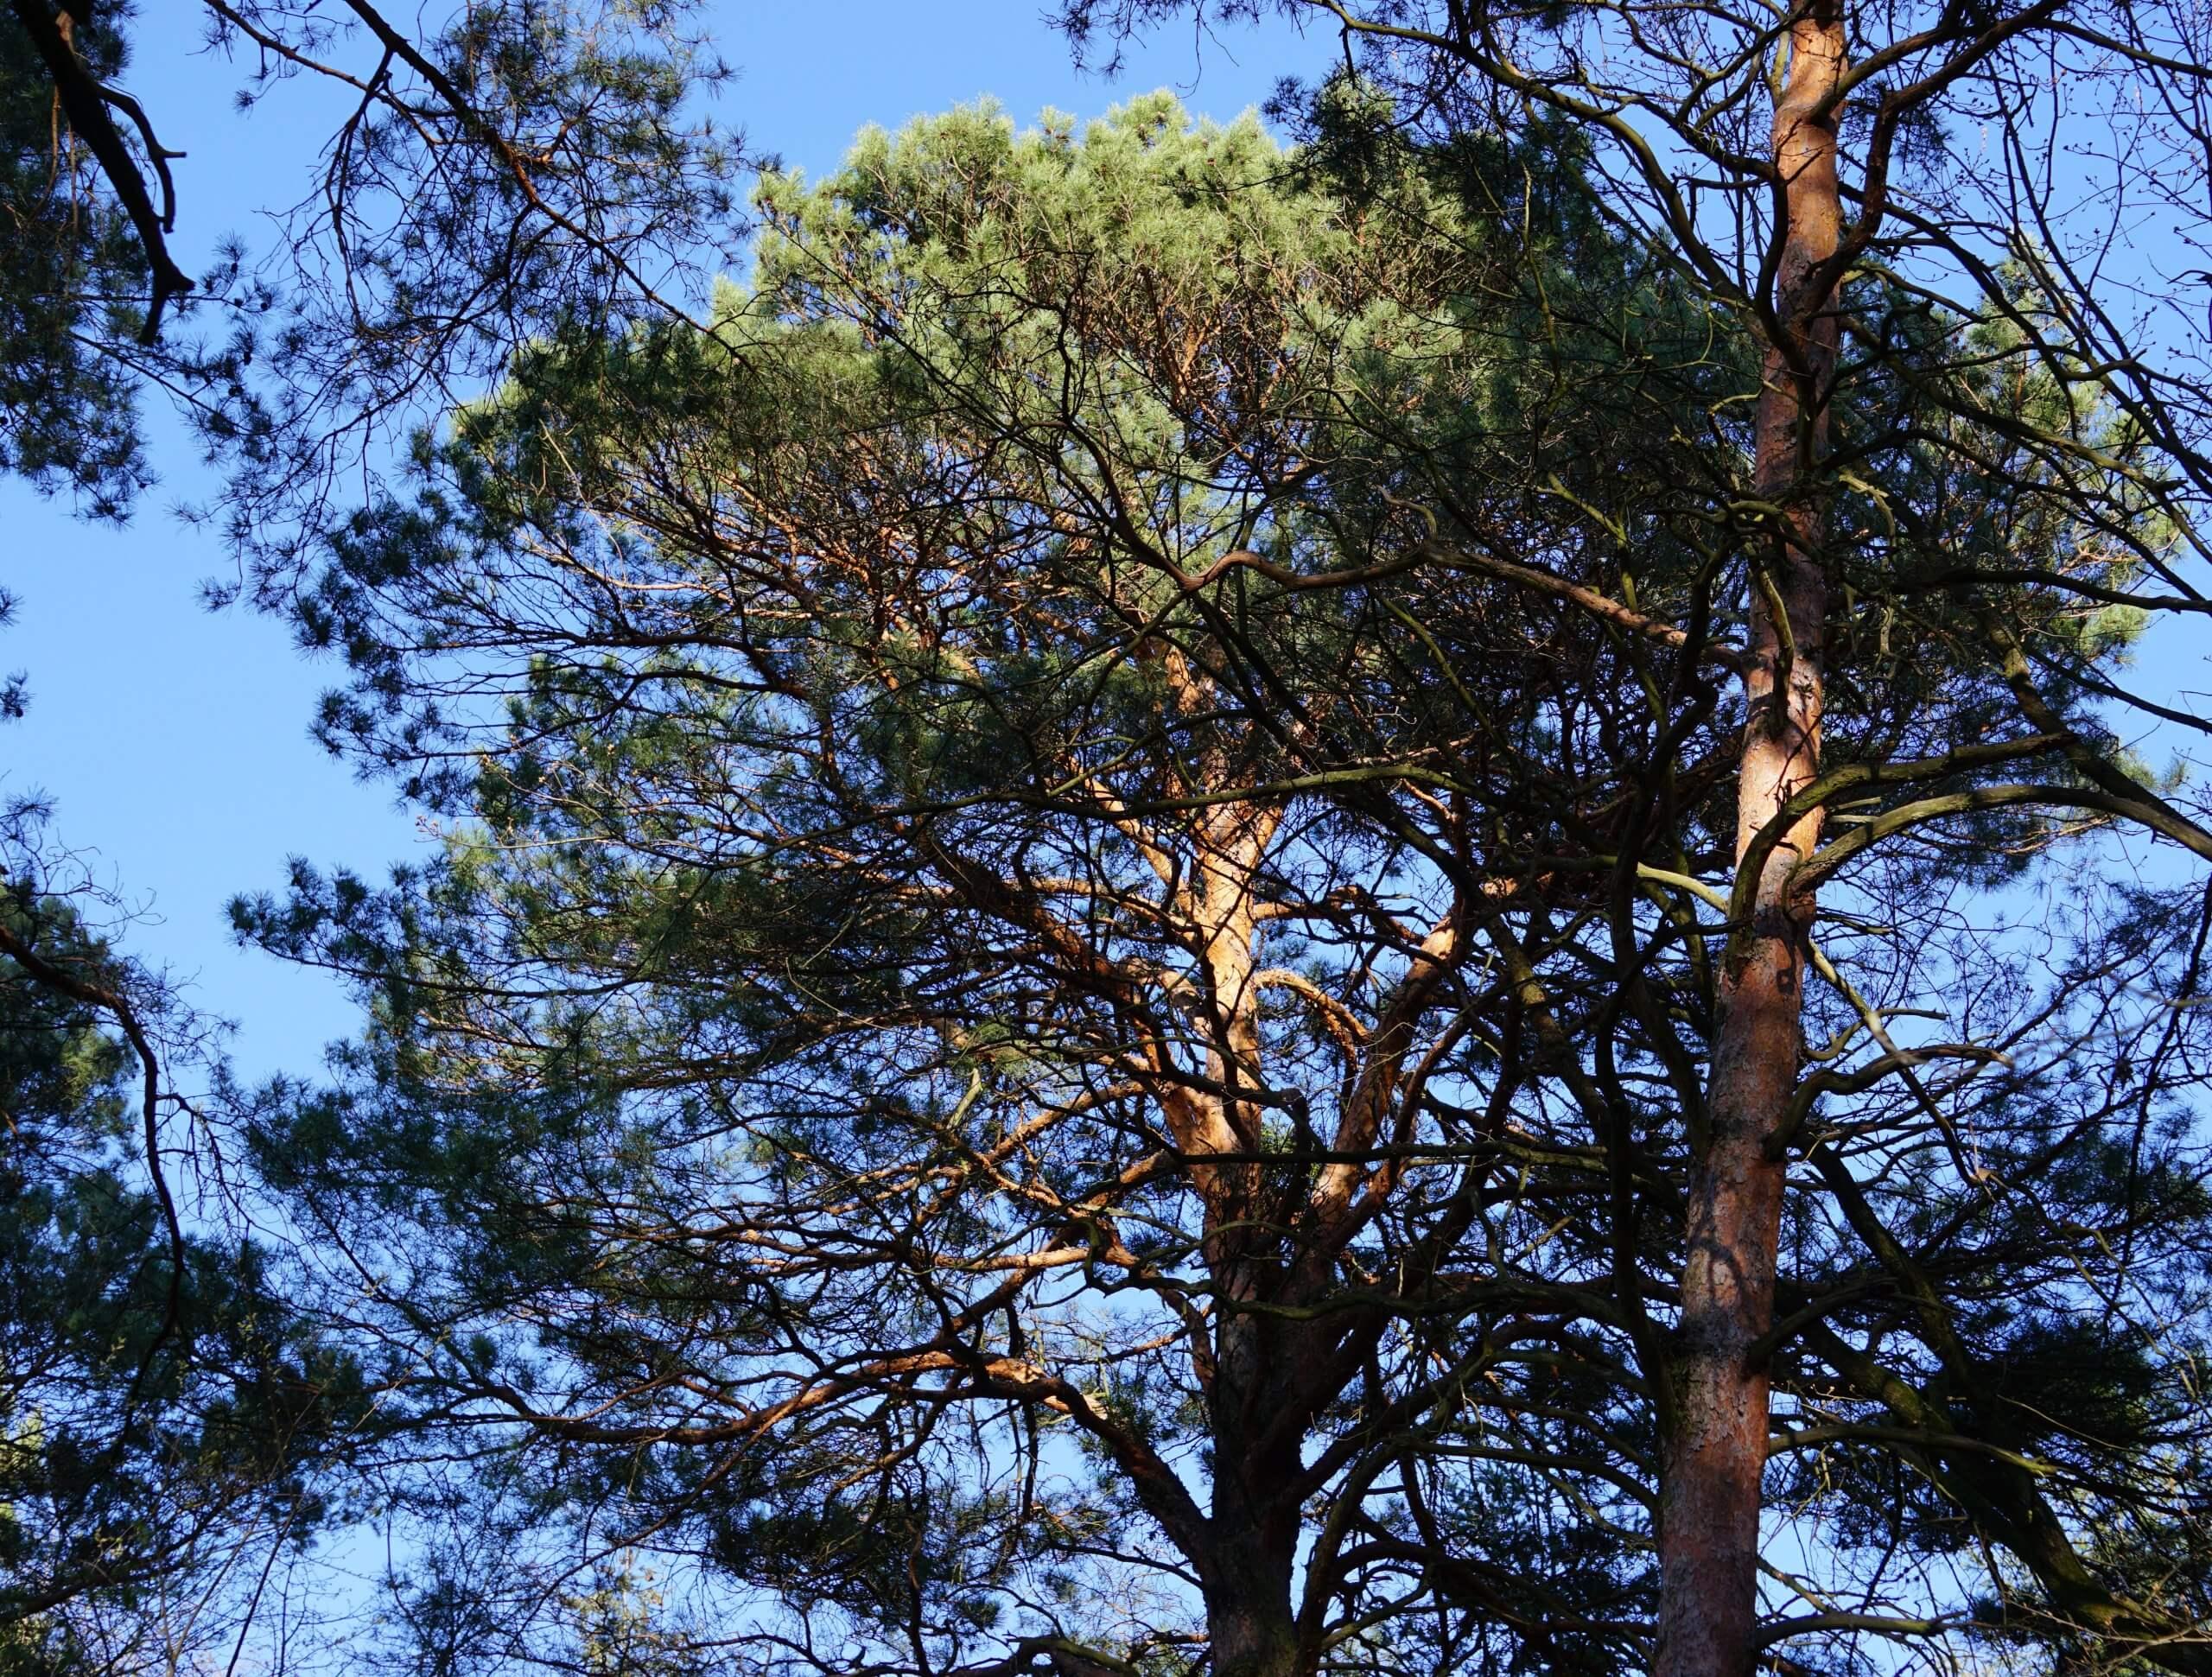 Das Bild zeigt die Krone einer Wald-Kiefer im Bereich Pelzlake östlich von Müggelheim. Die Kronen neigen bei älteren und höheren Bäumen zu breiten schirmartigen Formen.